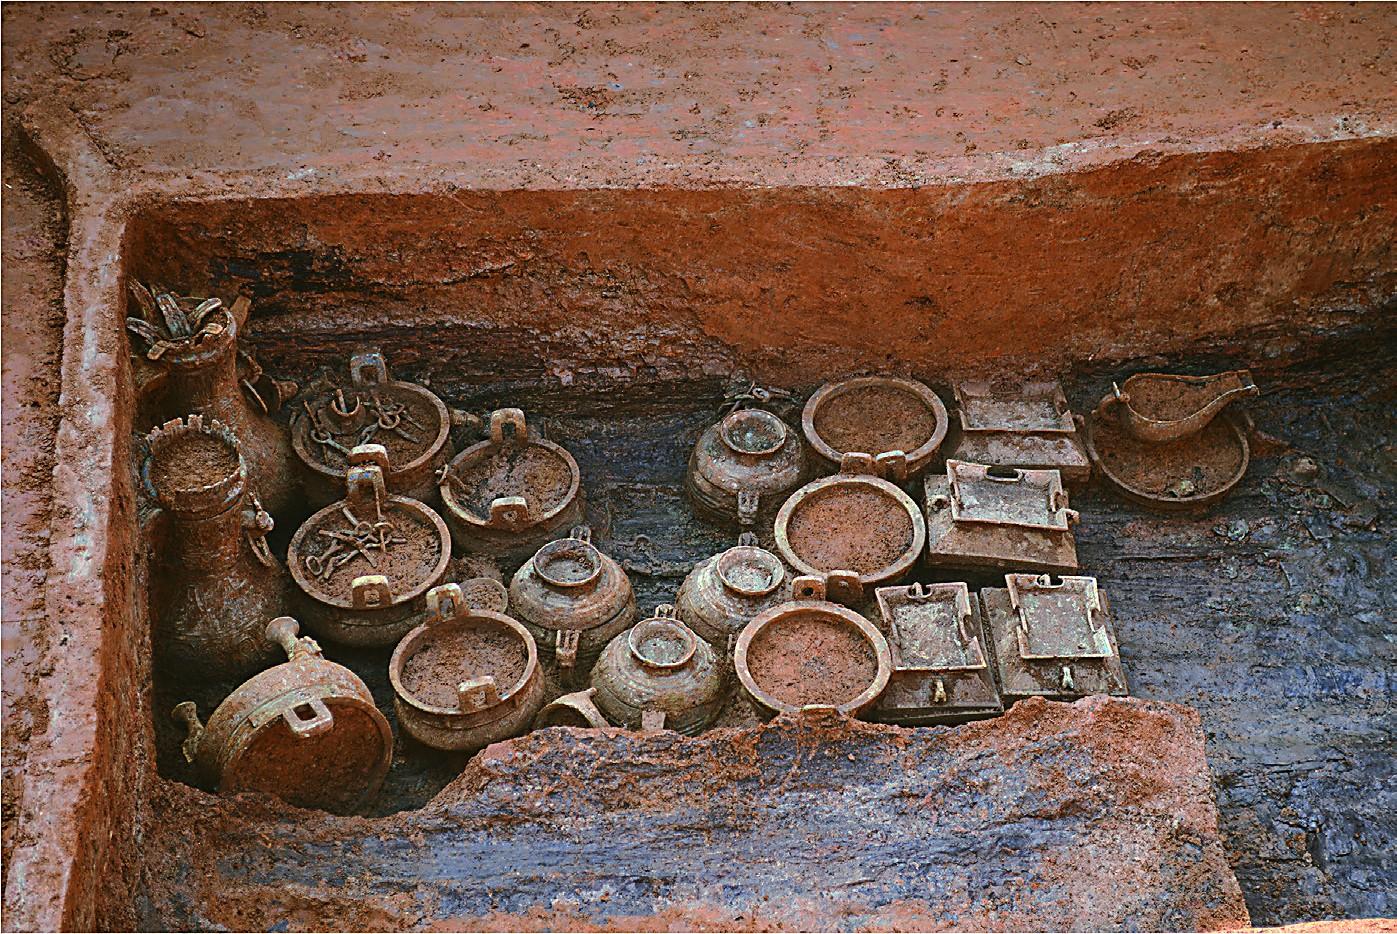 五千年前的小麦 匈奴时期的城址 2017中国考古揭开哪些谜底?